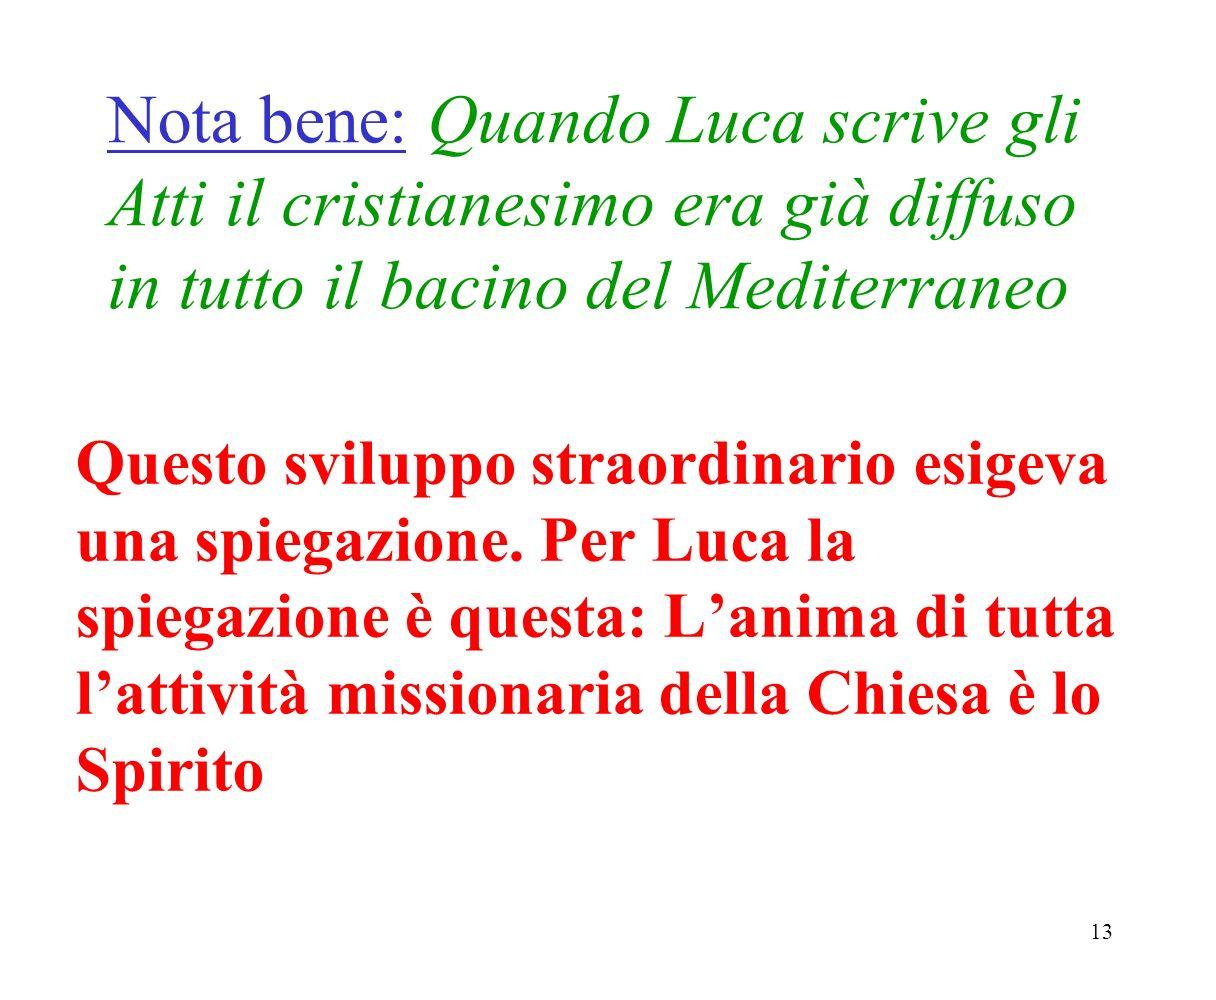 Nota bene: Quando Luca scrive gli Atti il cristianesimo era già diffuso in tutto il bacino del Mediterraneo